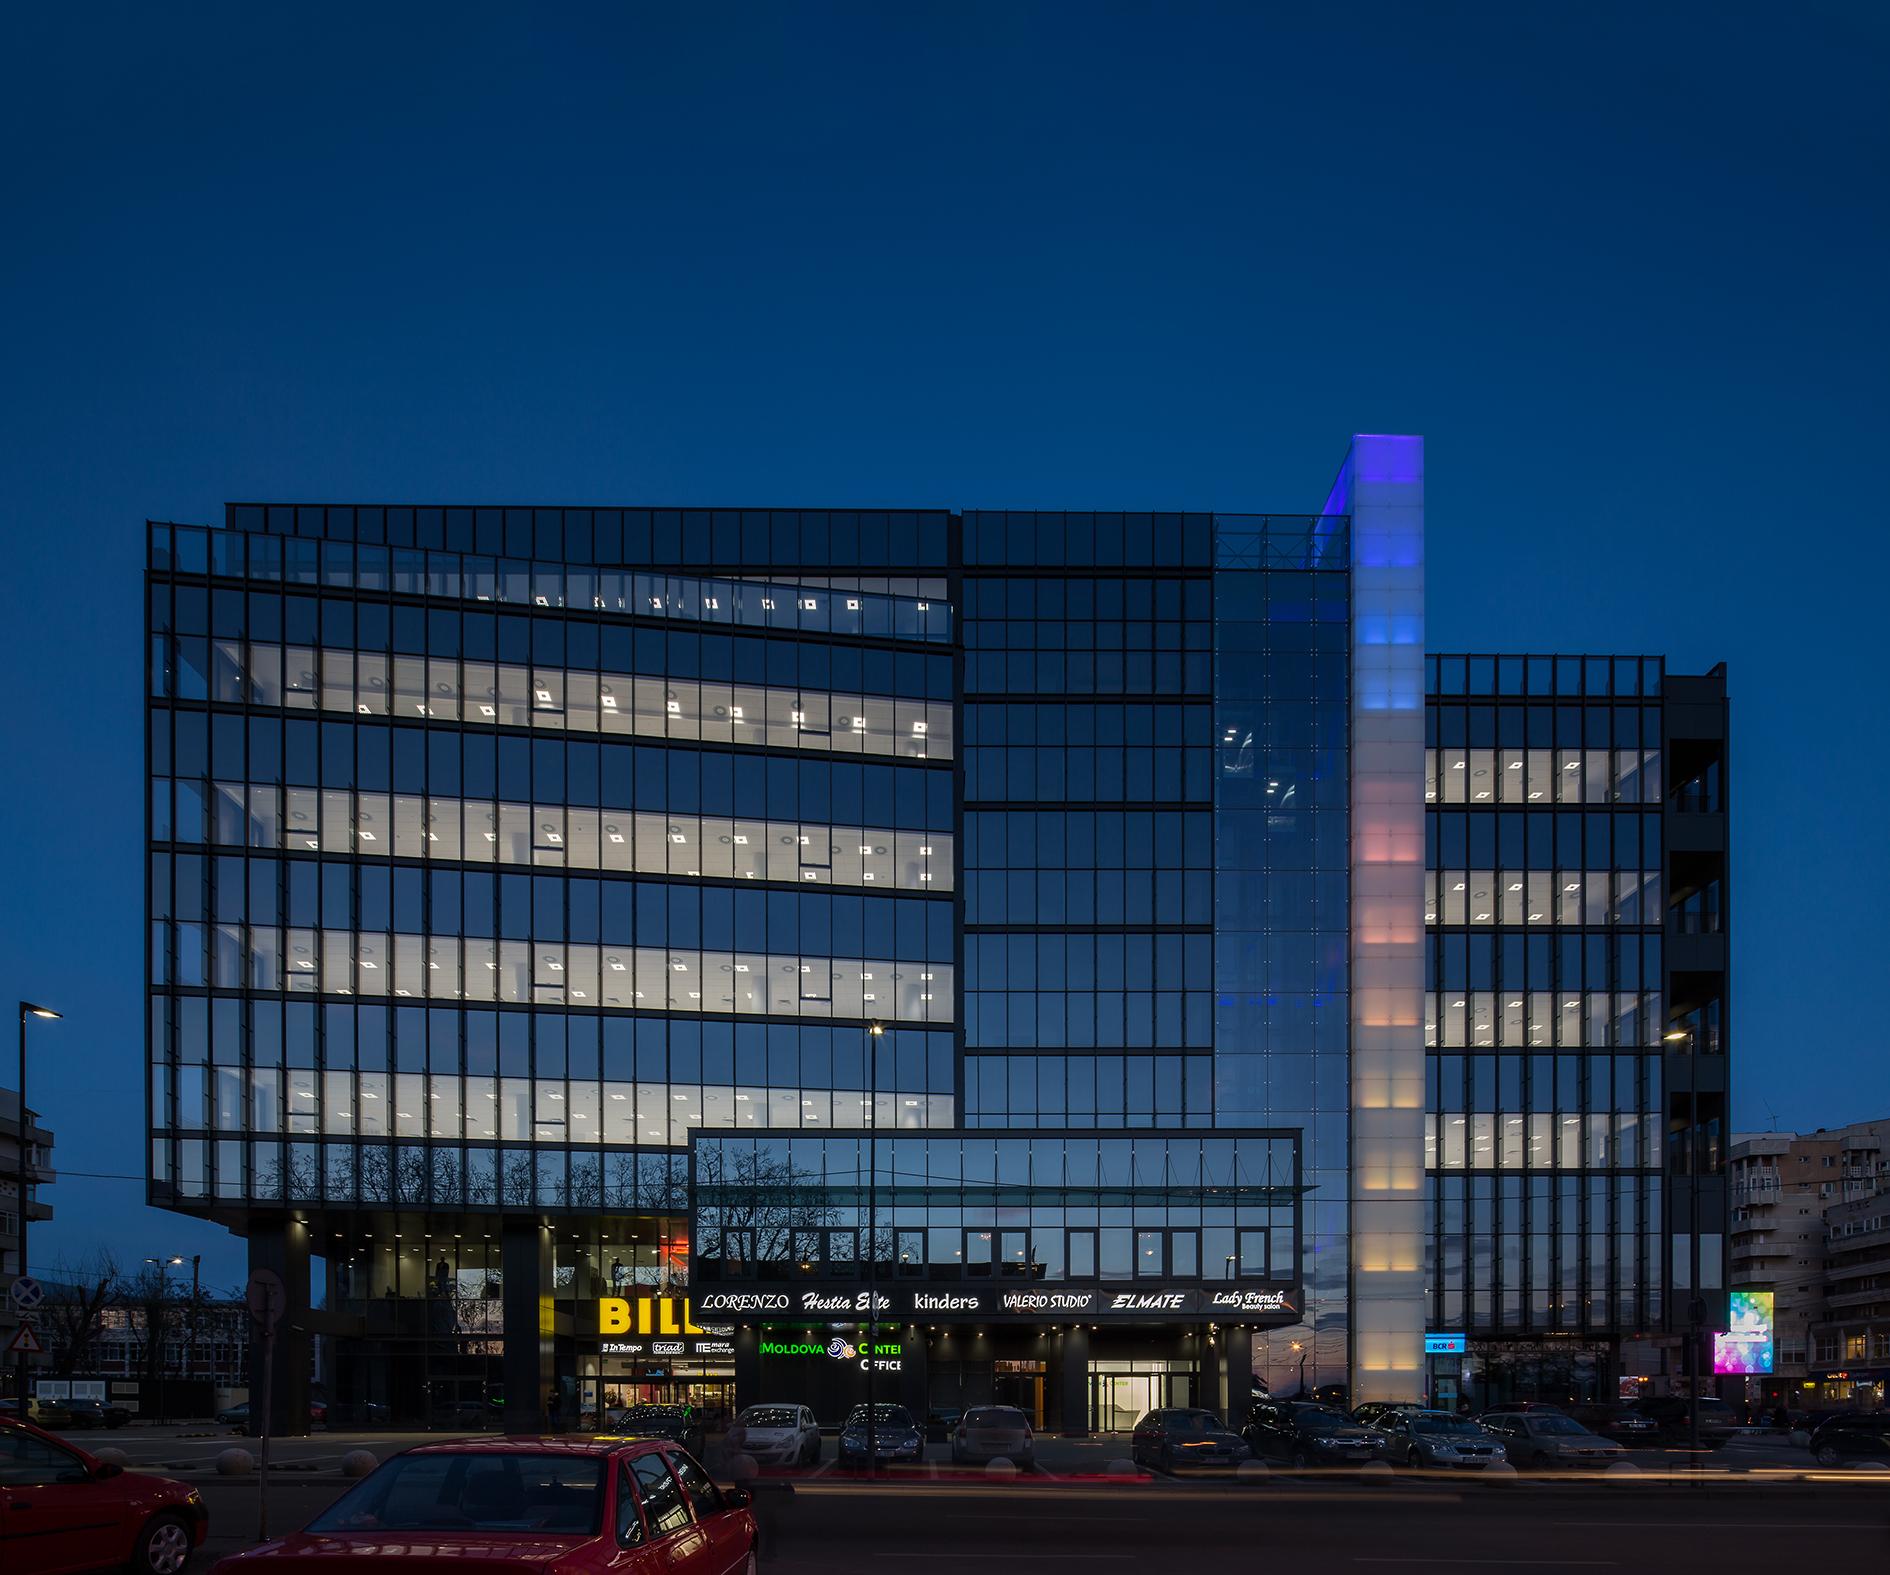 Moldova Center - Office + Retail - Nominalizarile pentru Premiile Romanian Building Awards - premii de recunoastere publica a excelentei in proiectarea si executia spatiului construit din Romania